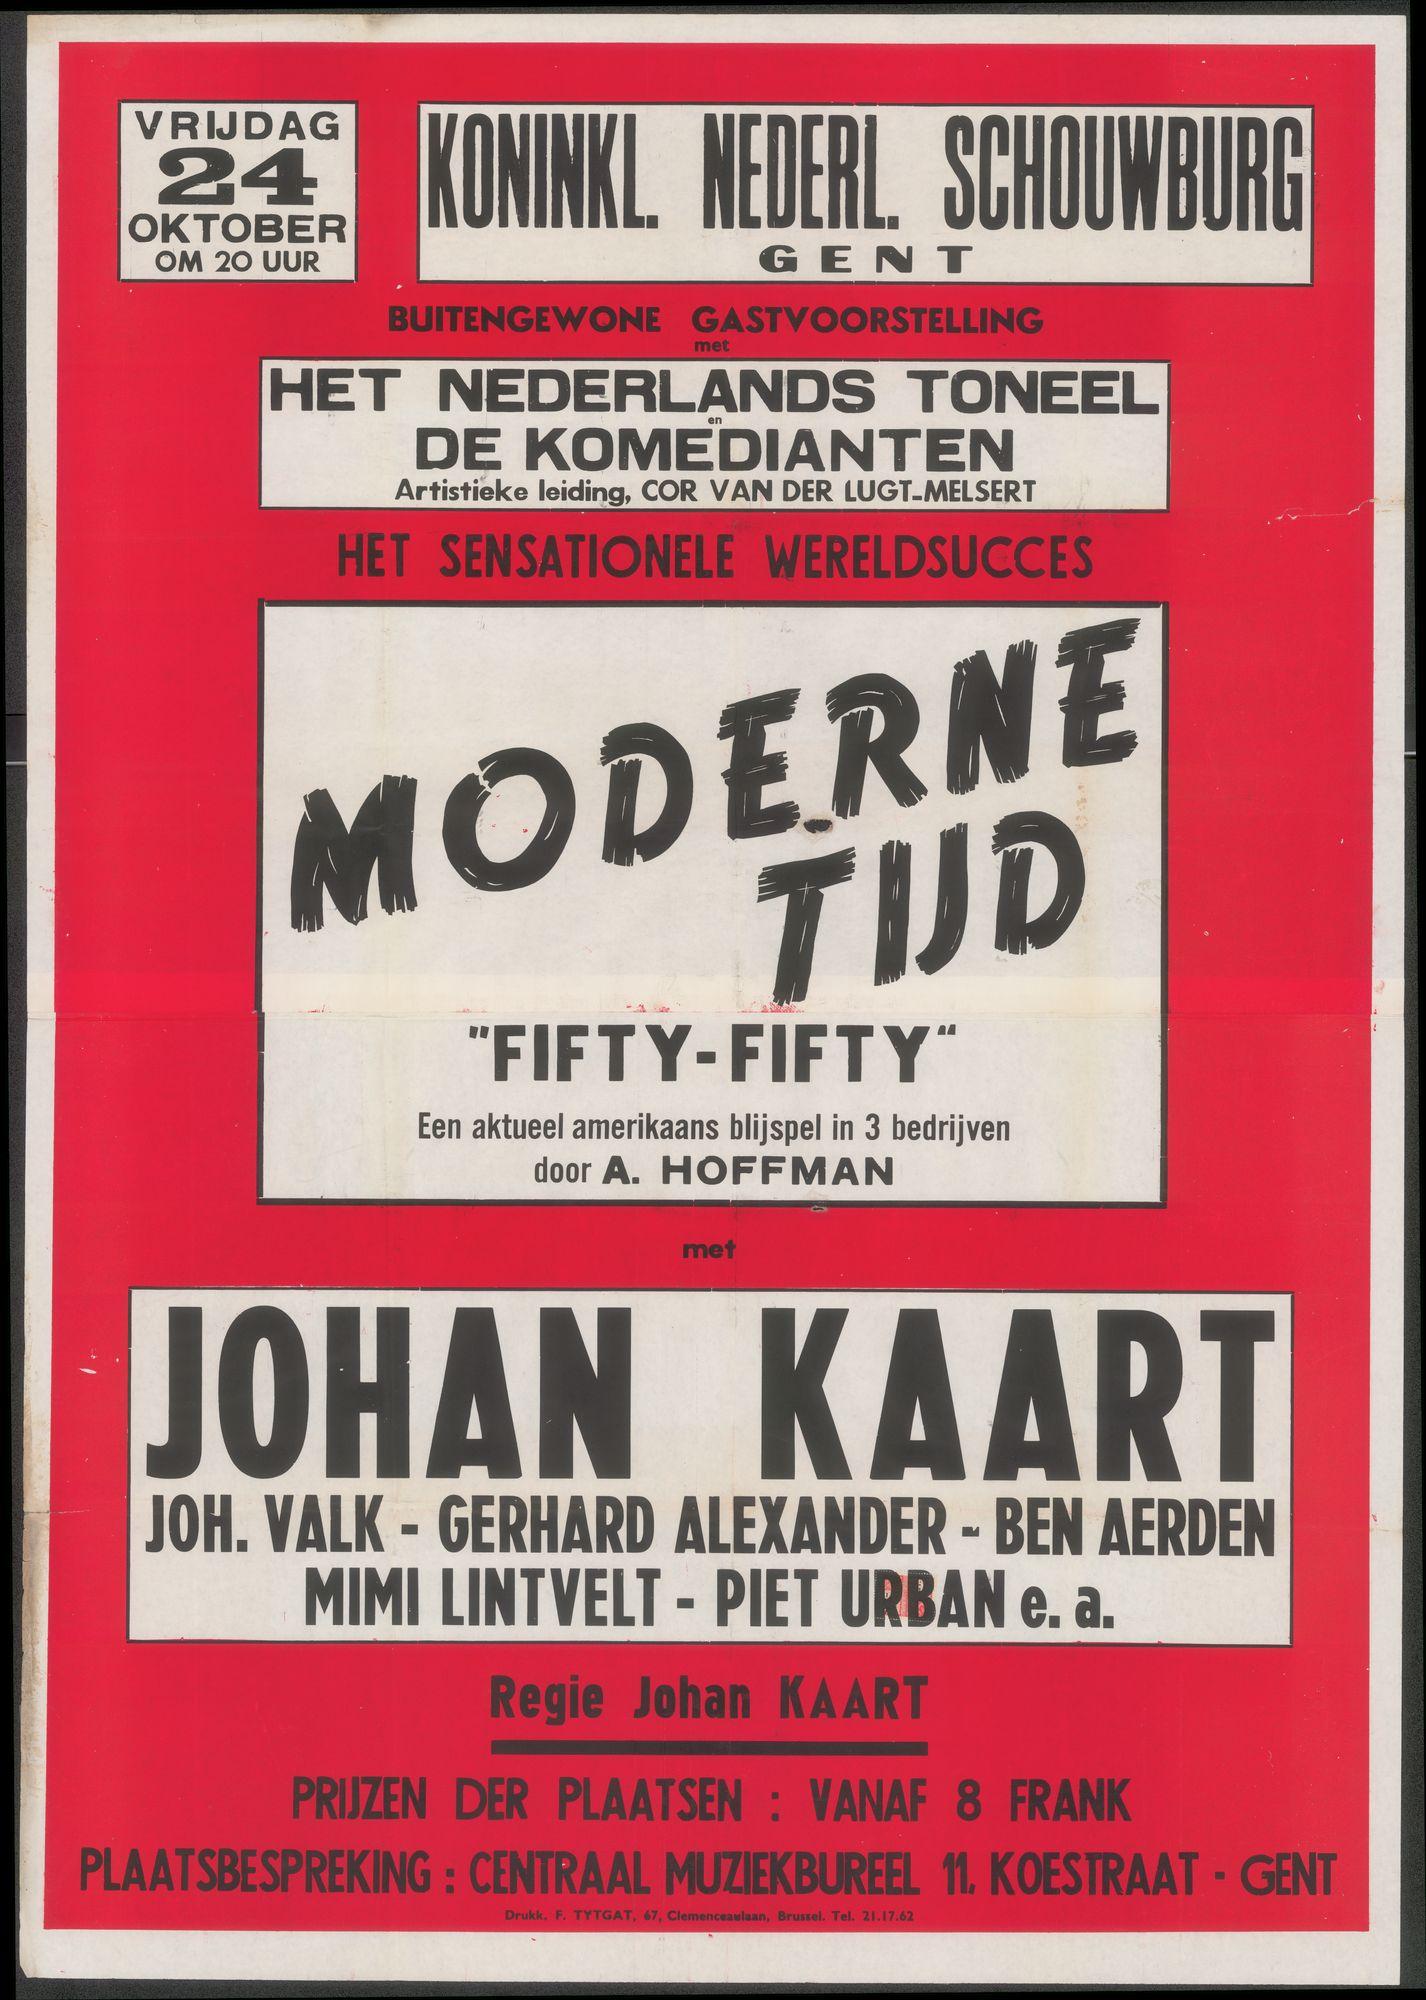 """Moderne tijd """"Fifty-Fofty, Koninklijke Nederlandse Schouwburg, Gent, 24 oktober 1947"""